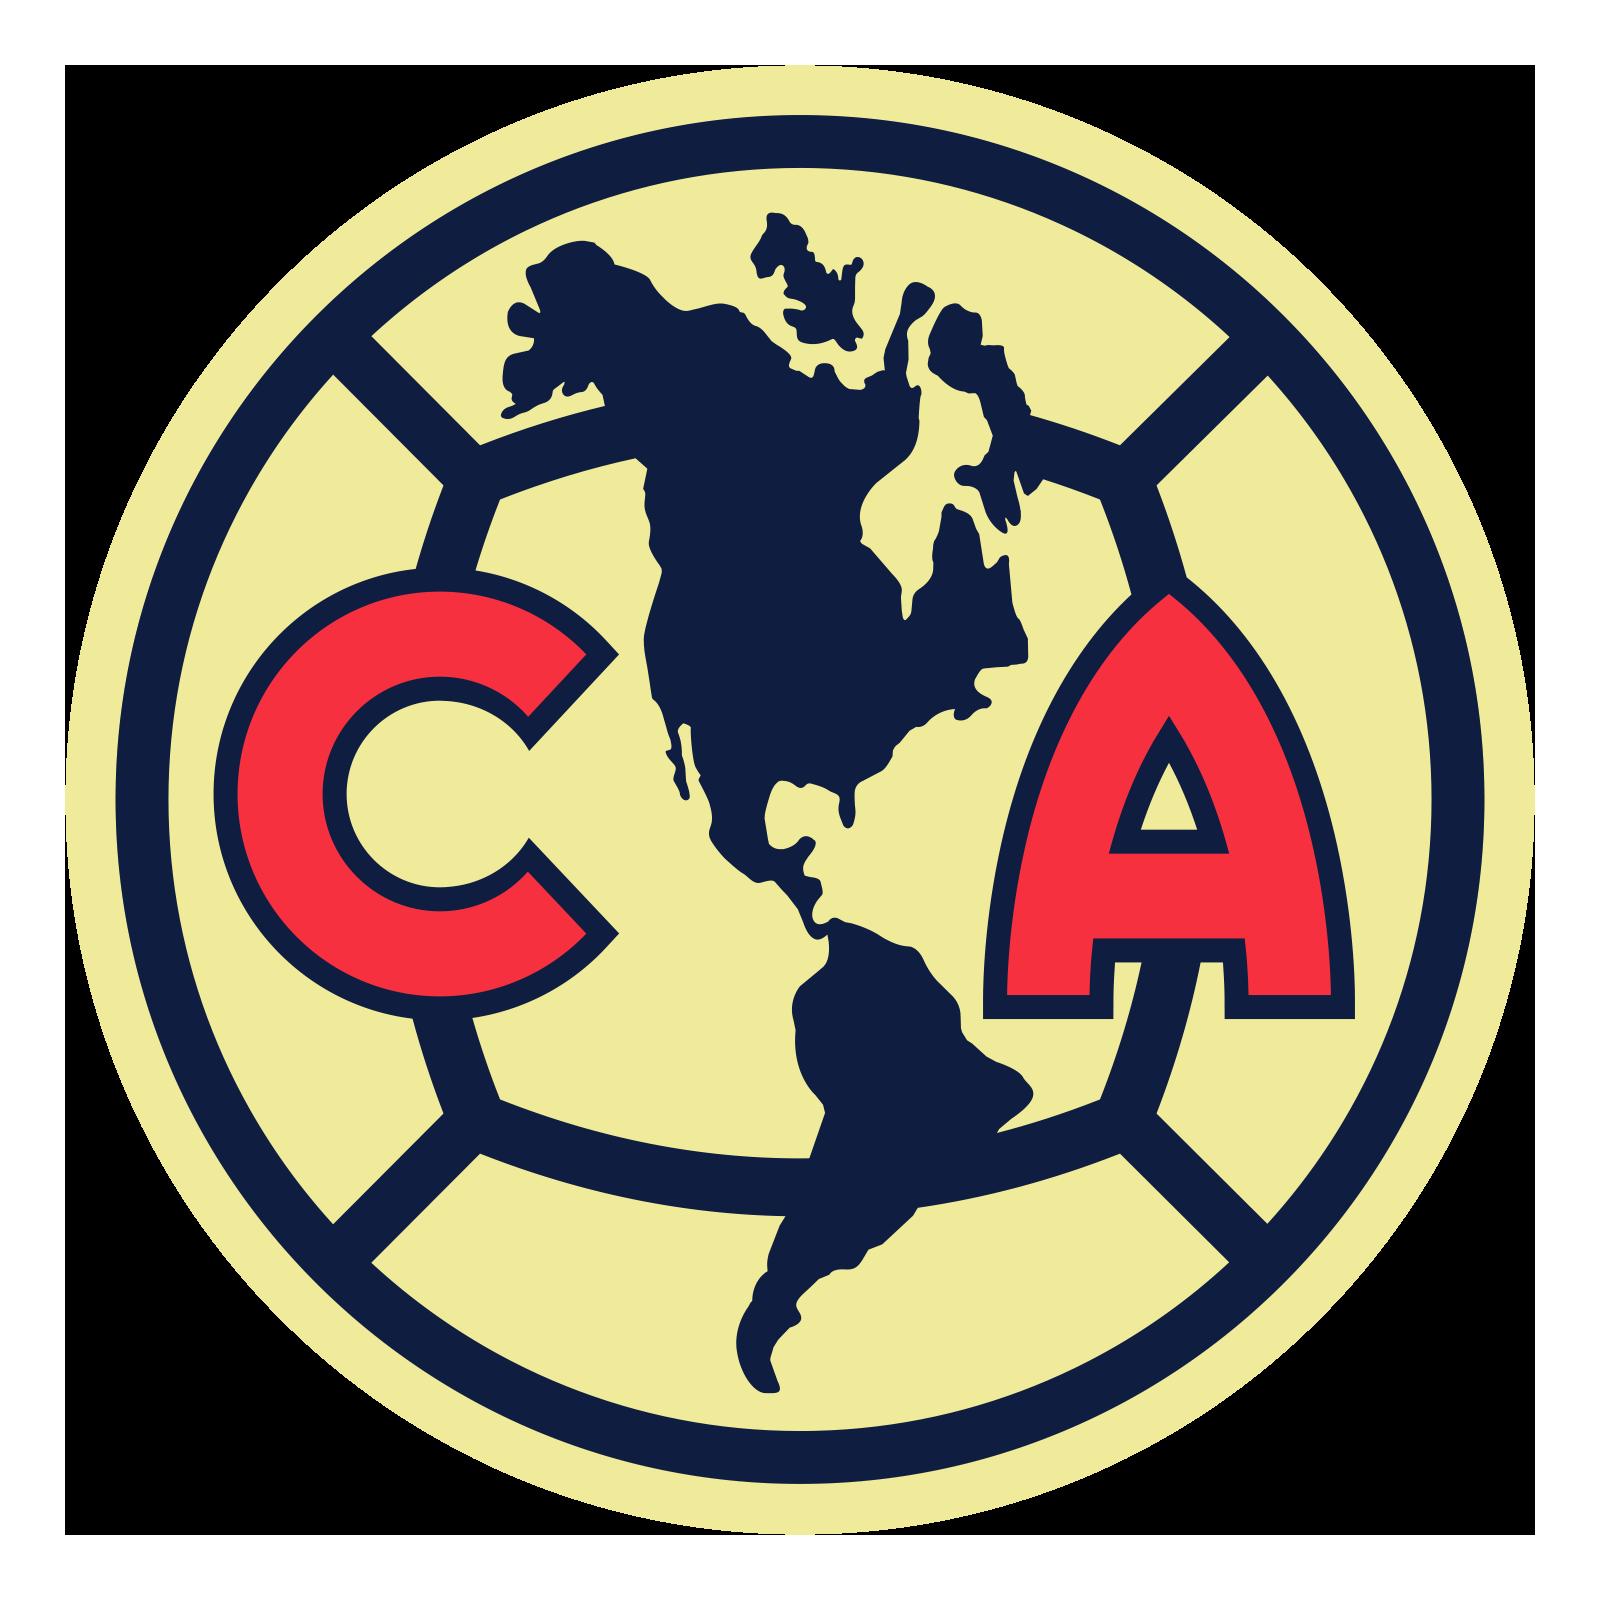 El Club América, cumple 103 años. - Circuito Cerrado